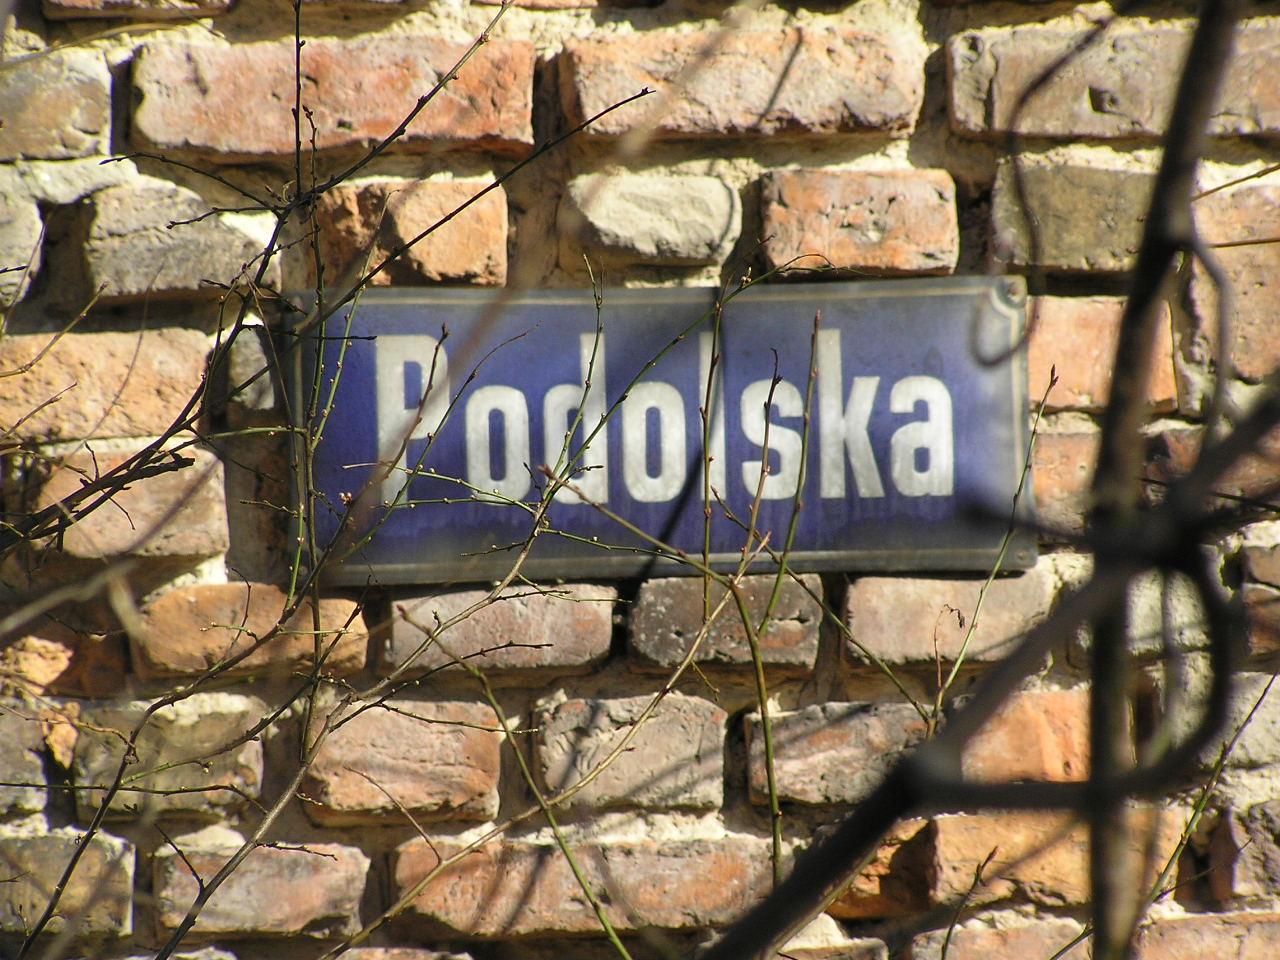 Tablica z nazwą ulicy - Podolska 20